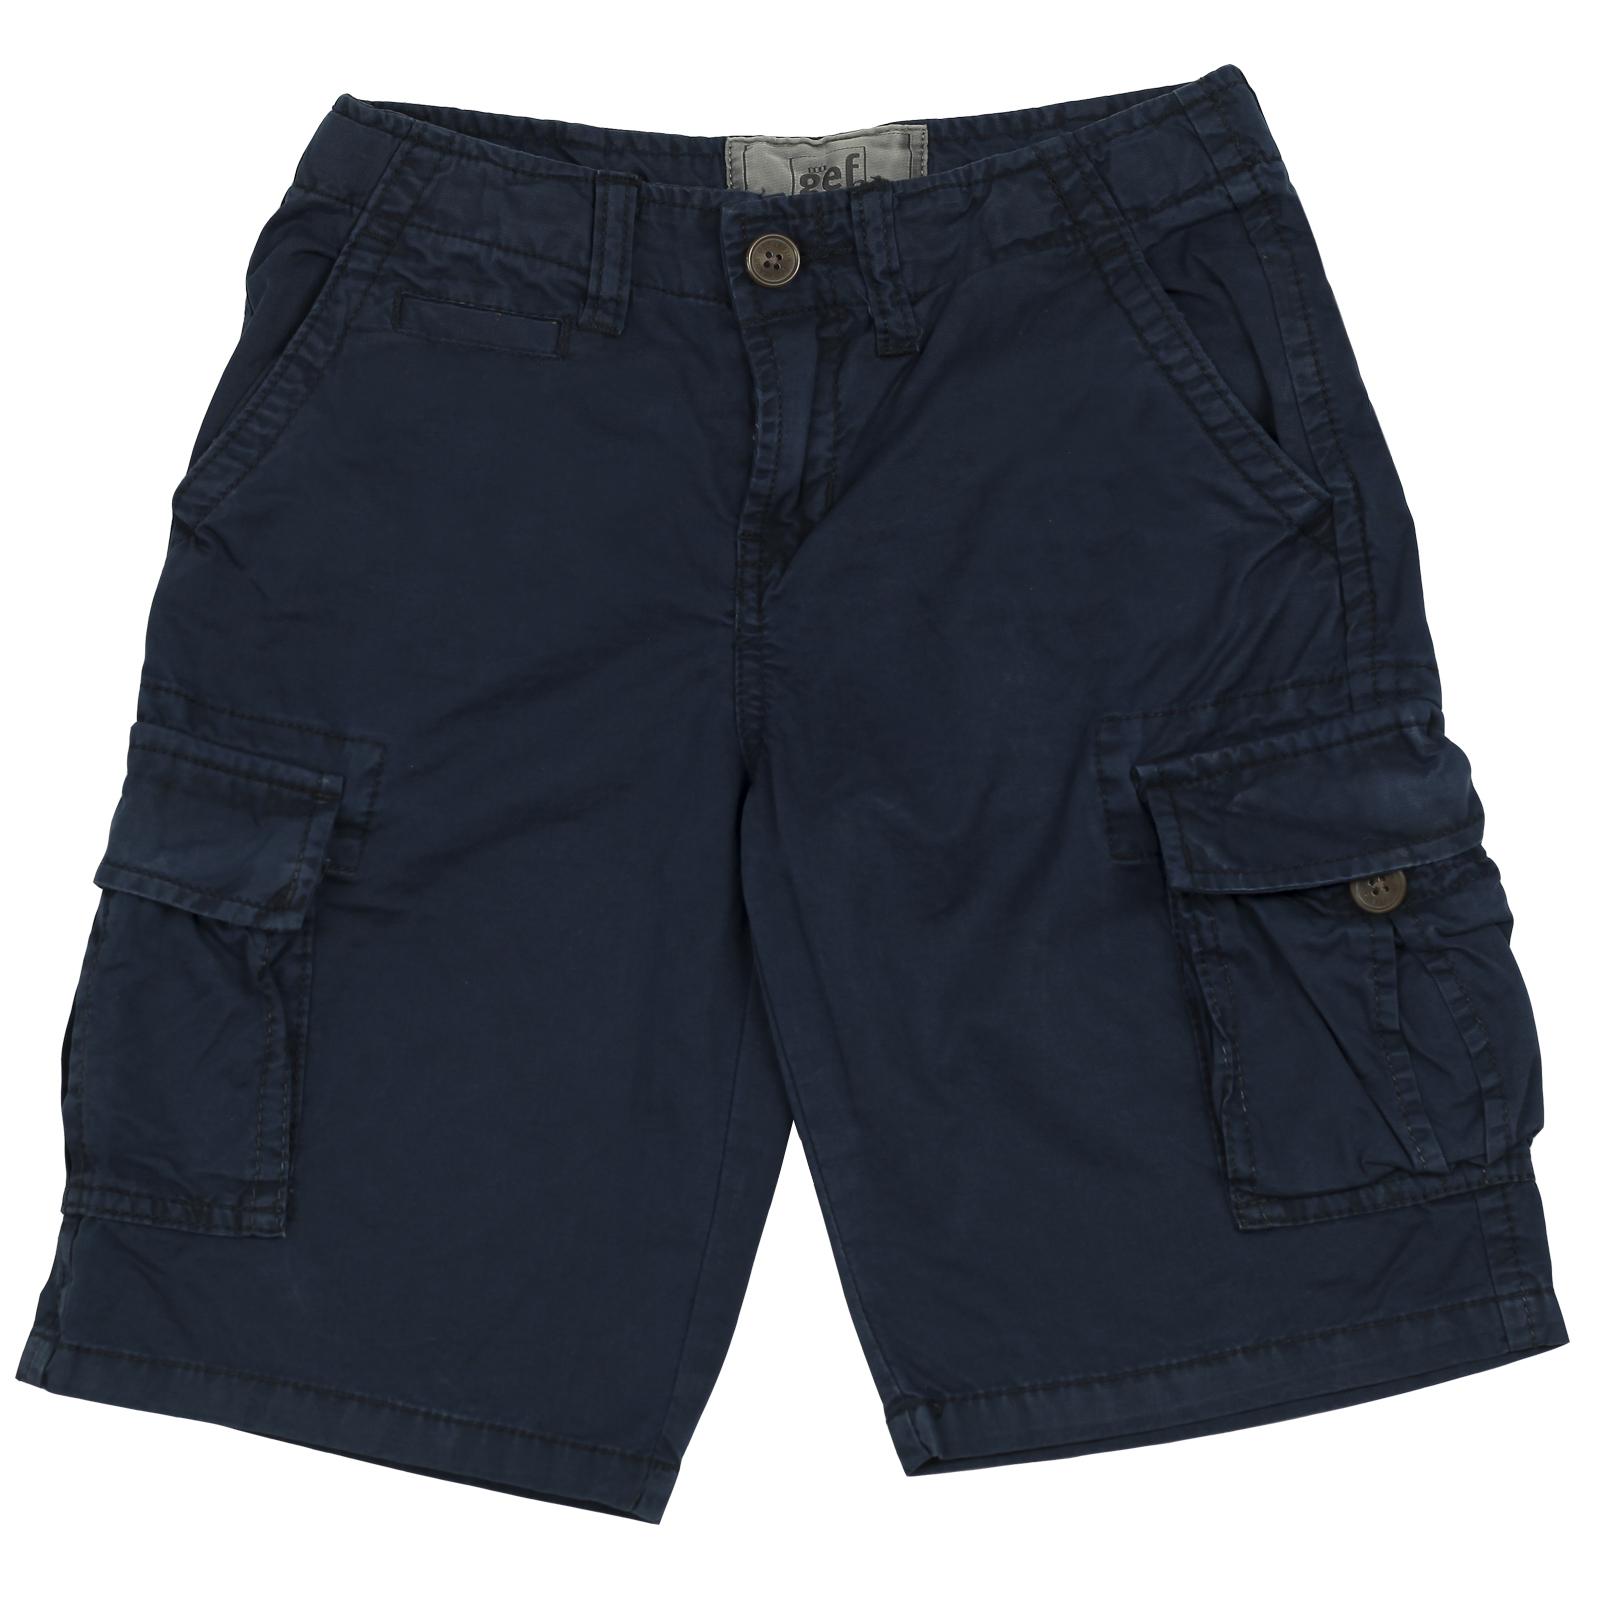 Модные шорты Gef. Качественная и практичная модель из натуральной ткани